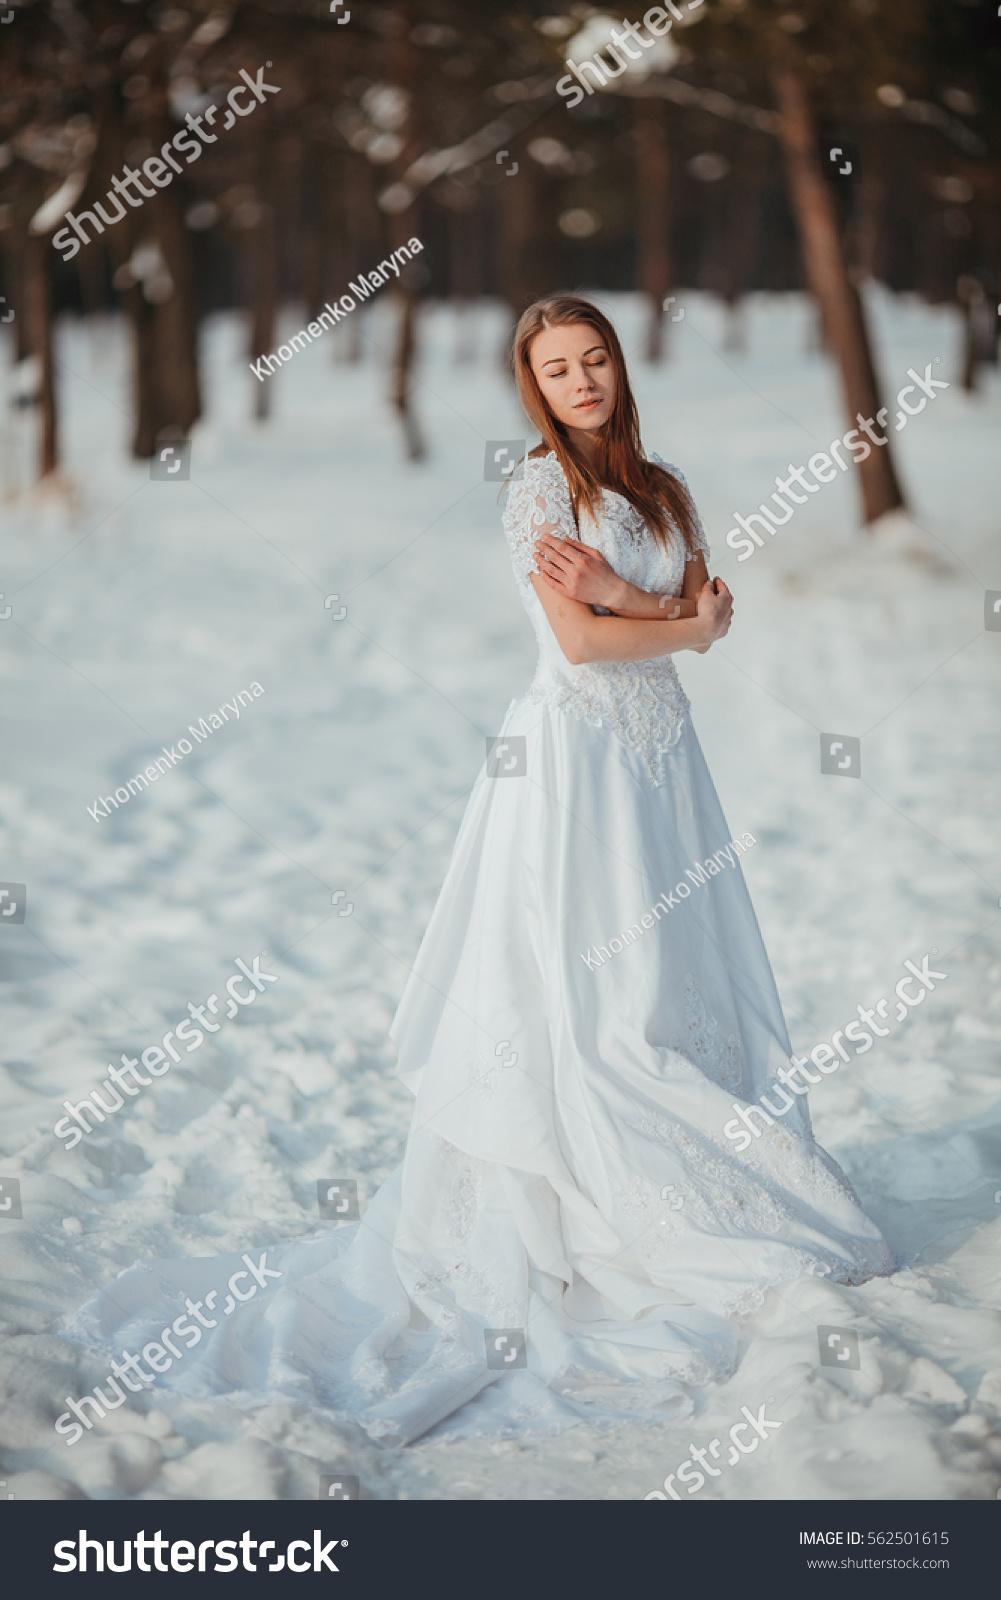 Gorgeous Girl Vintage White Wedding Dress Stock Photo (Safe to Use ...